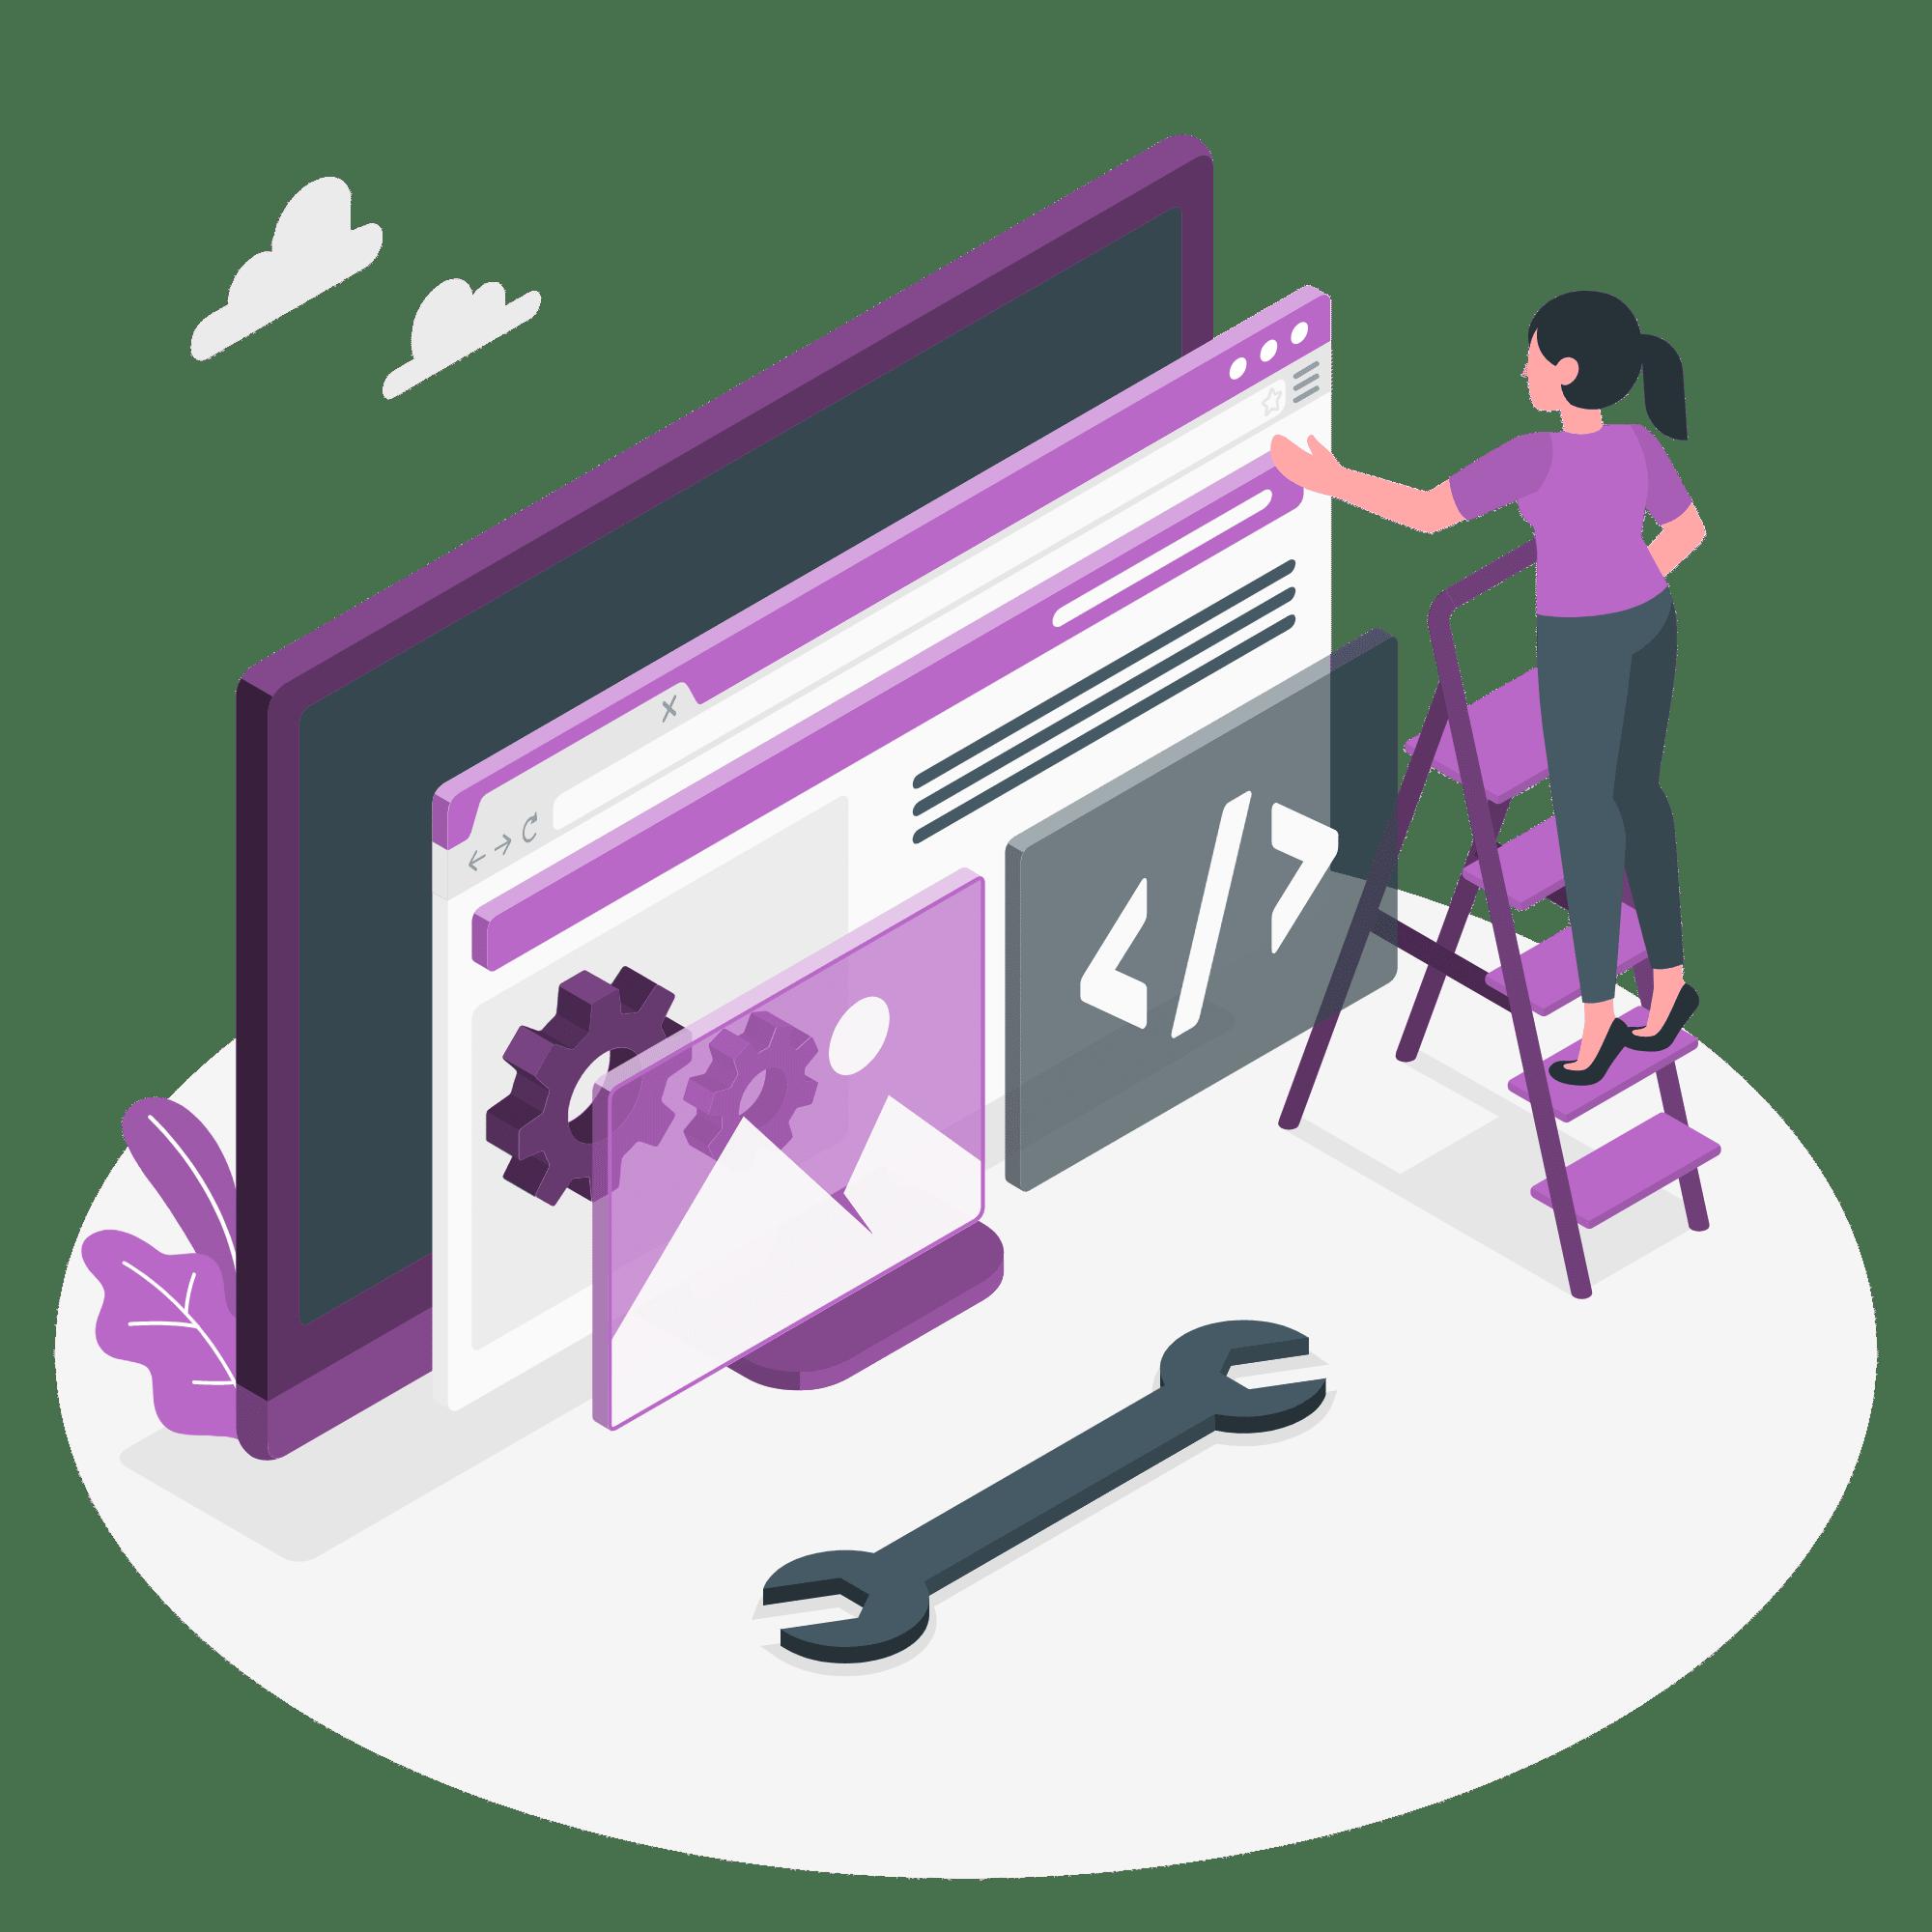 طراحی سایت جدید در سال 2020